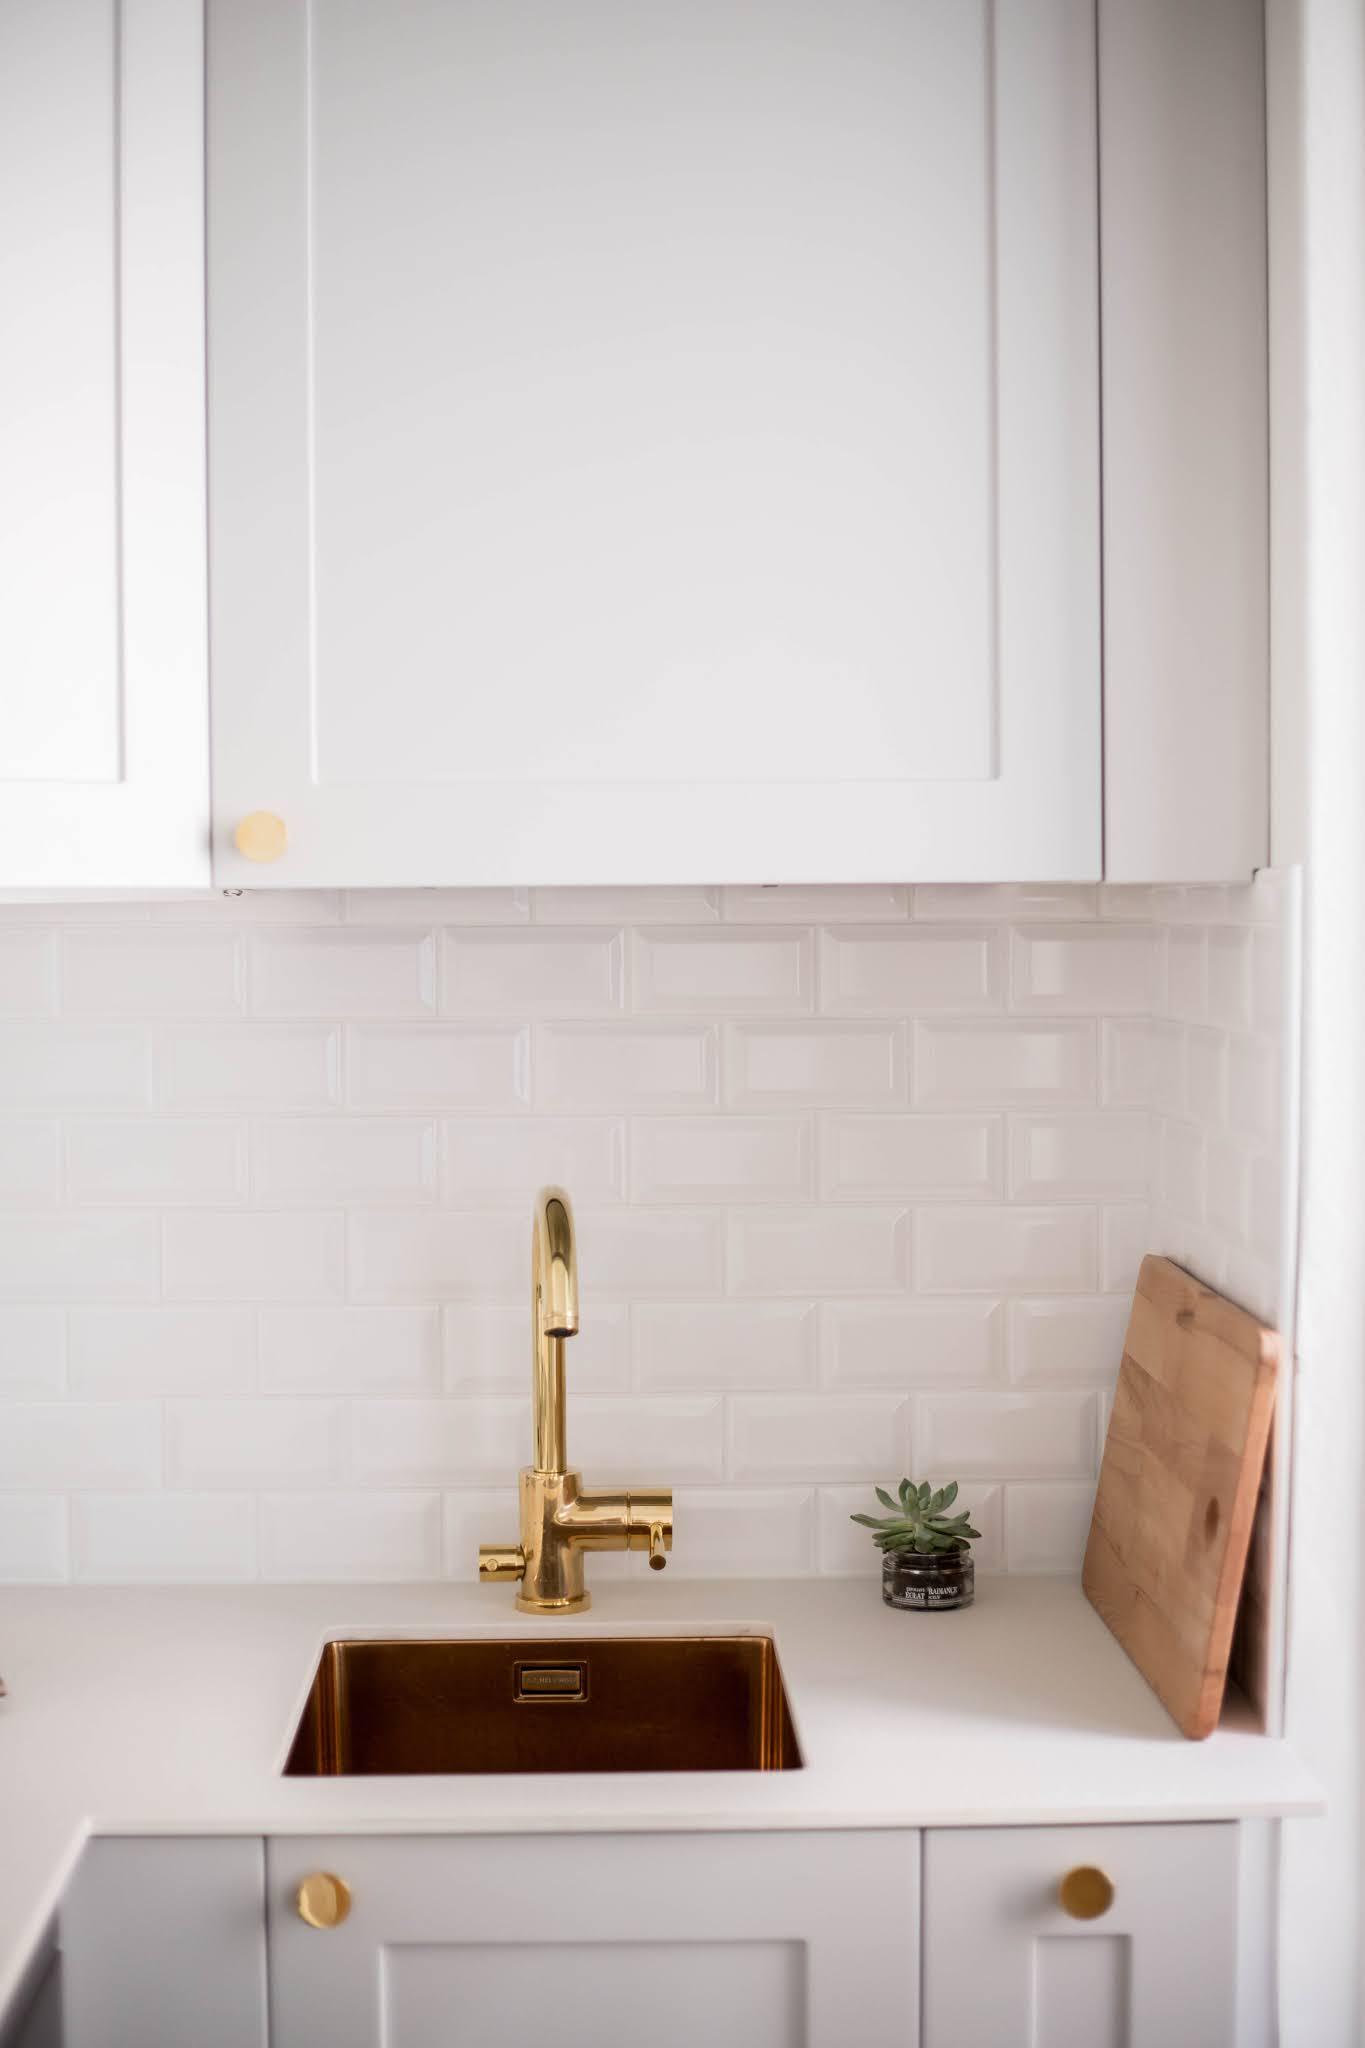 Minimalistinen skandinaavinen keittiö, A.S. Helsingö // Minimalist Scandinavian kitchen